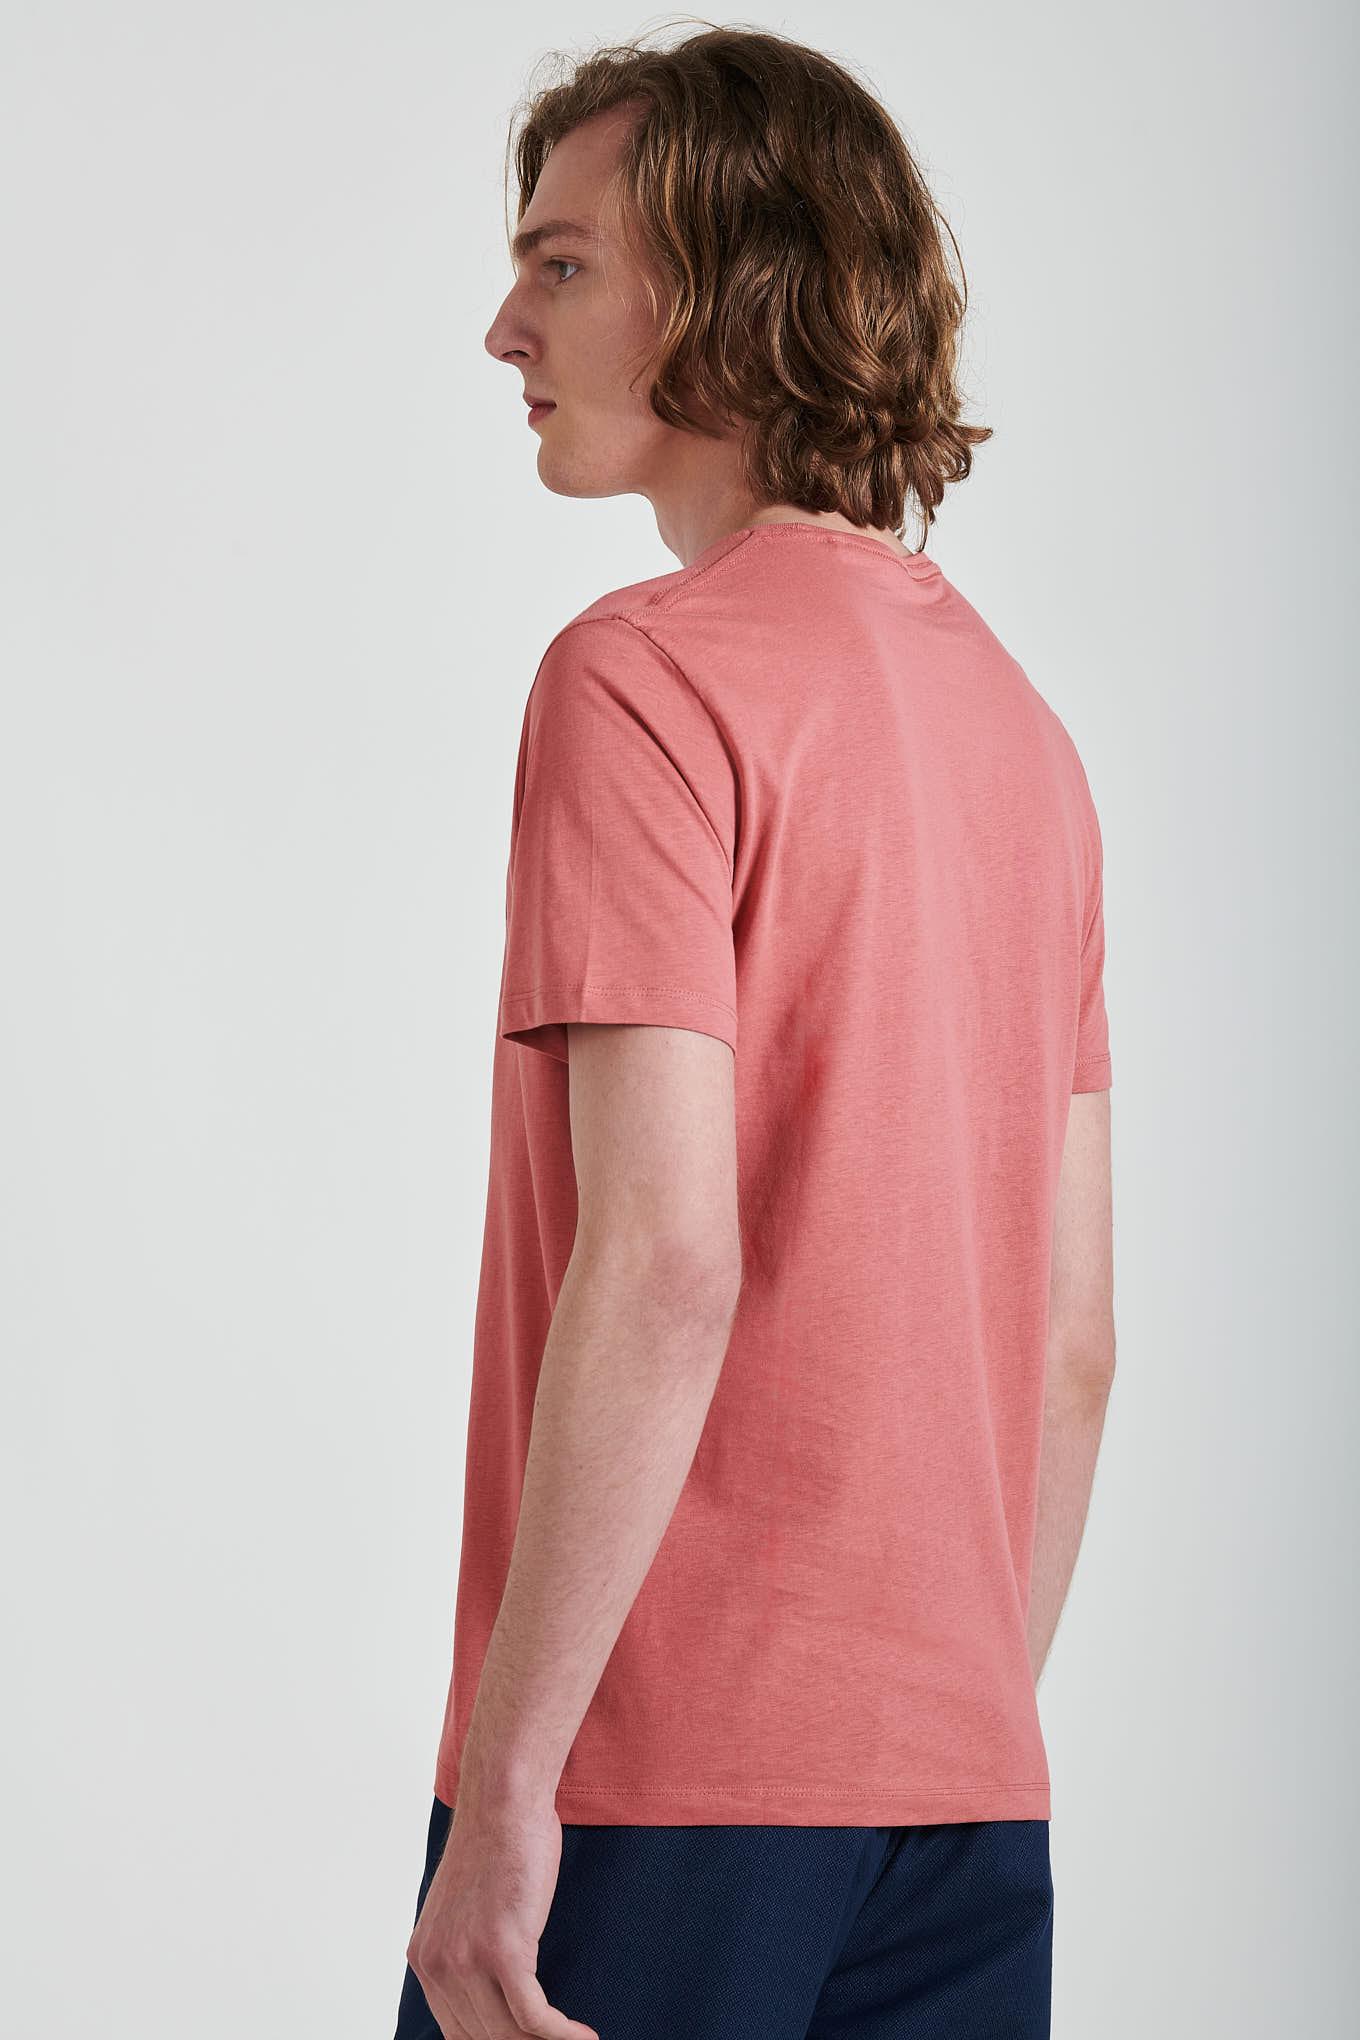 T-Shirt Pink Sport Man